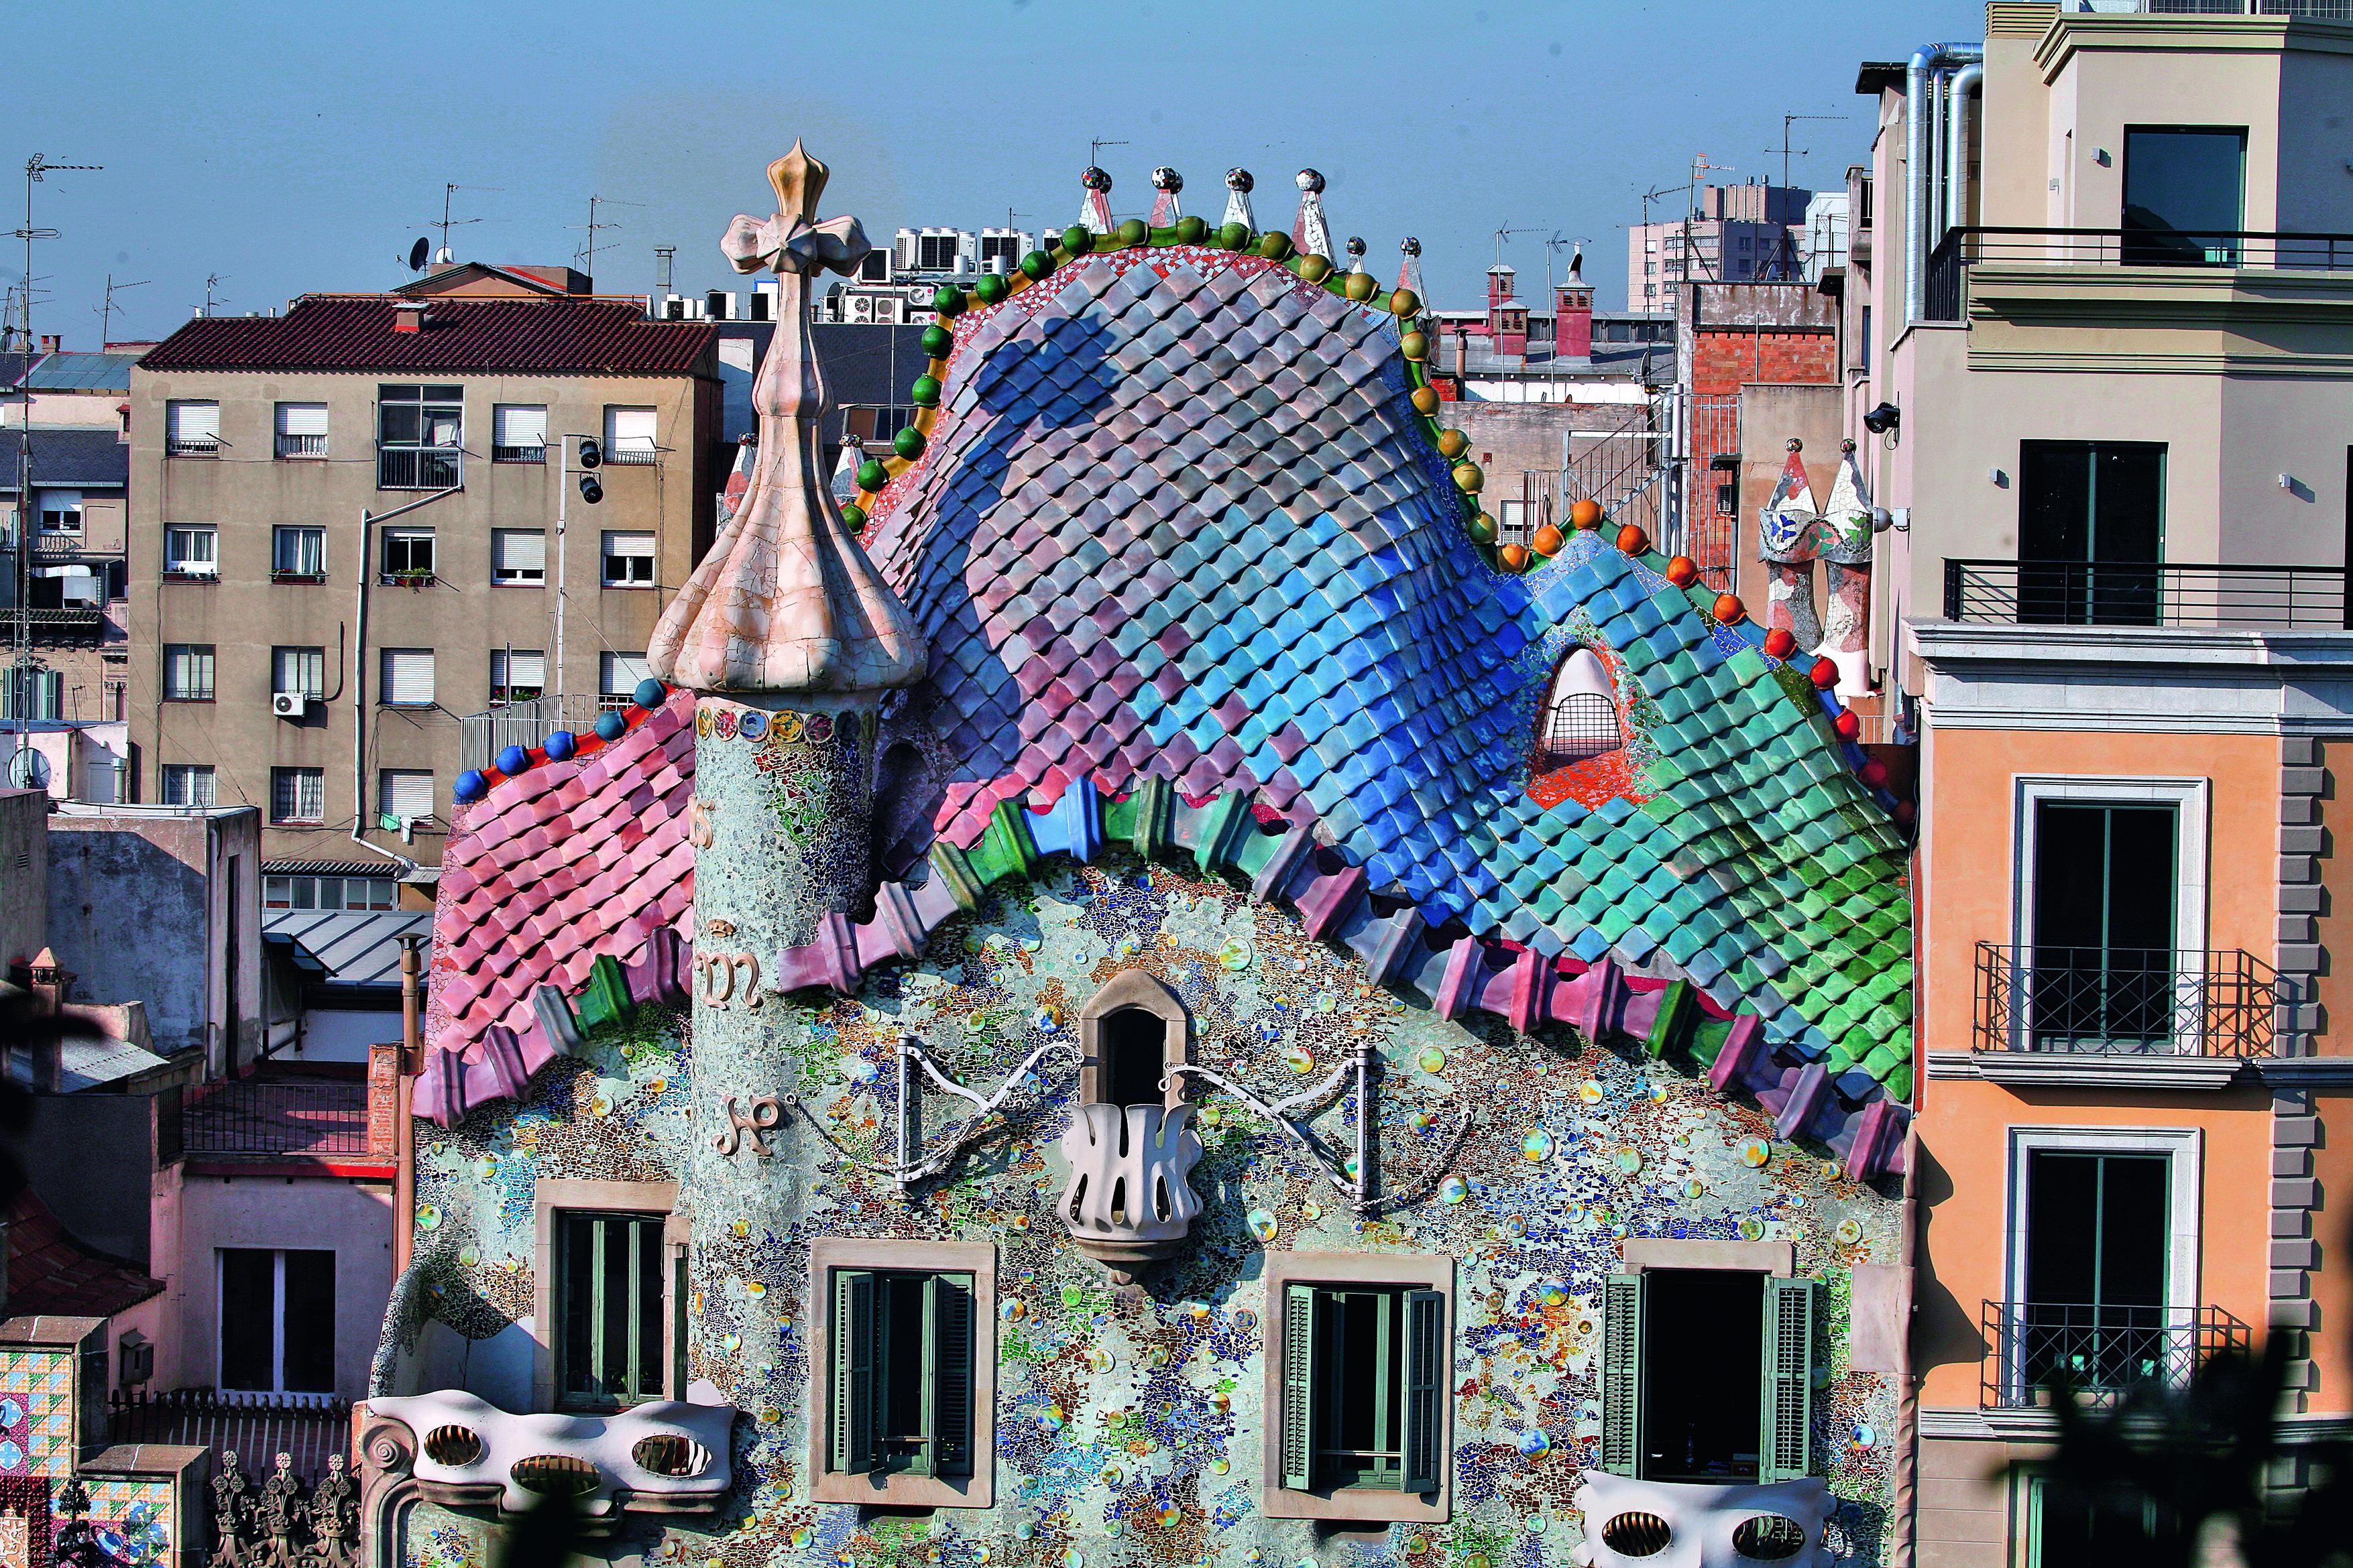 Impresionantes fotos de la Casa Batlló